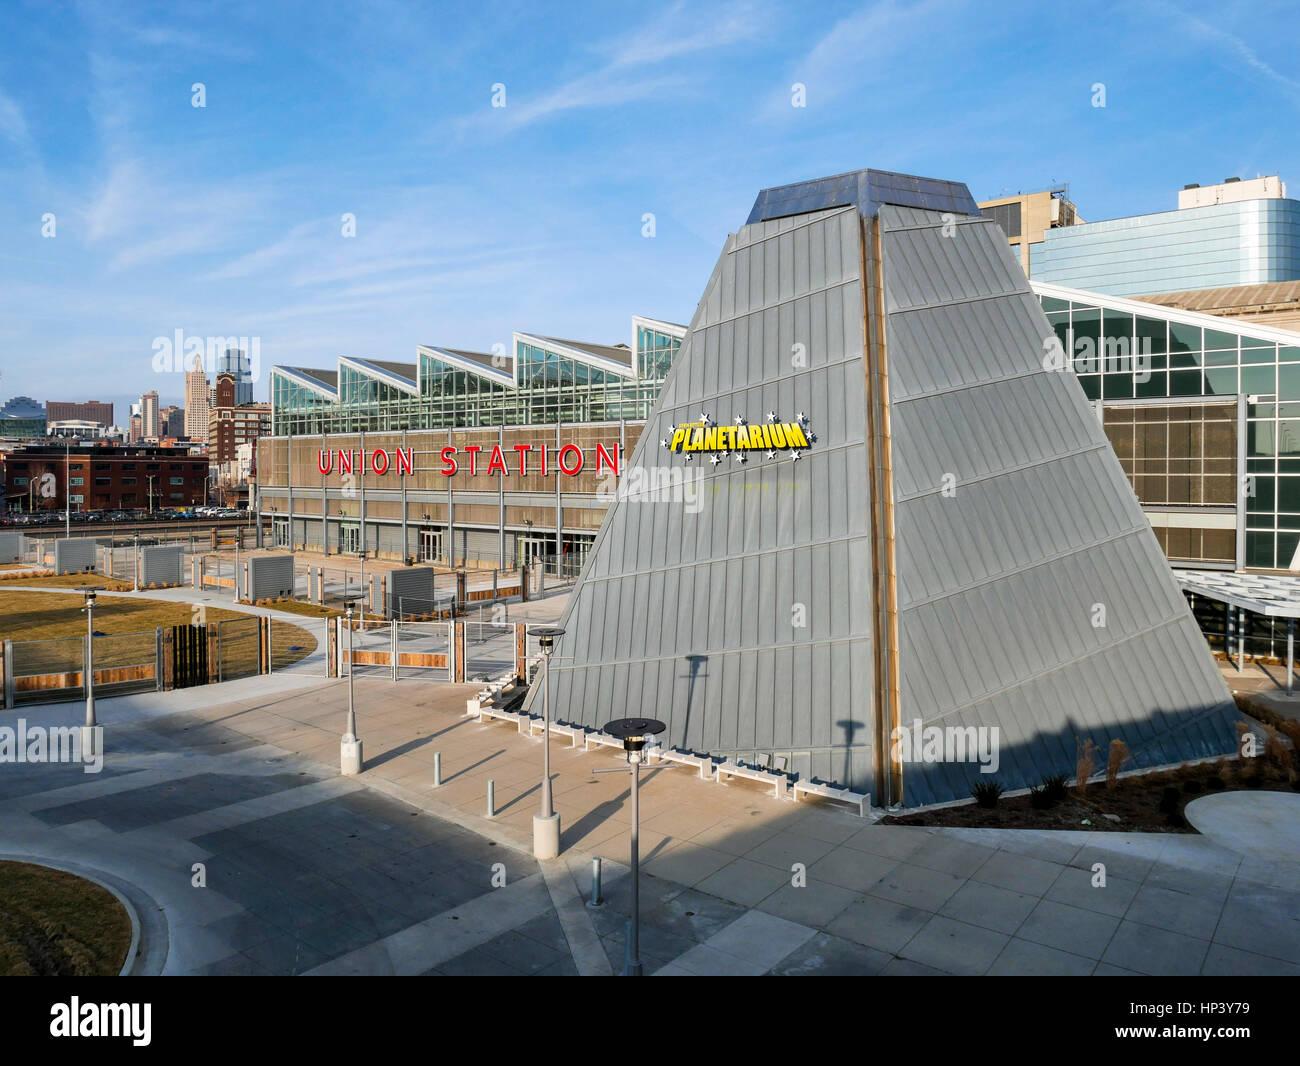 Kansas City Union Station, Science City and Planetarium